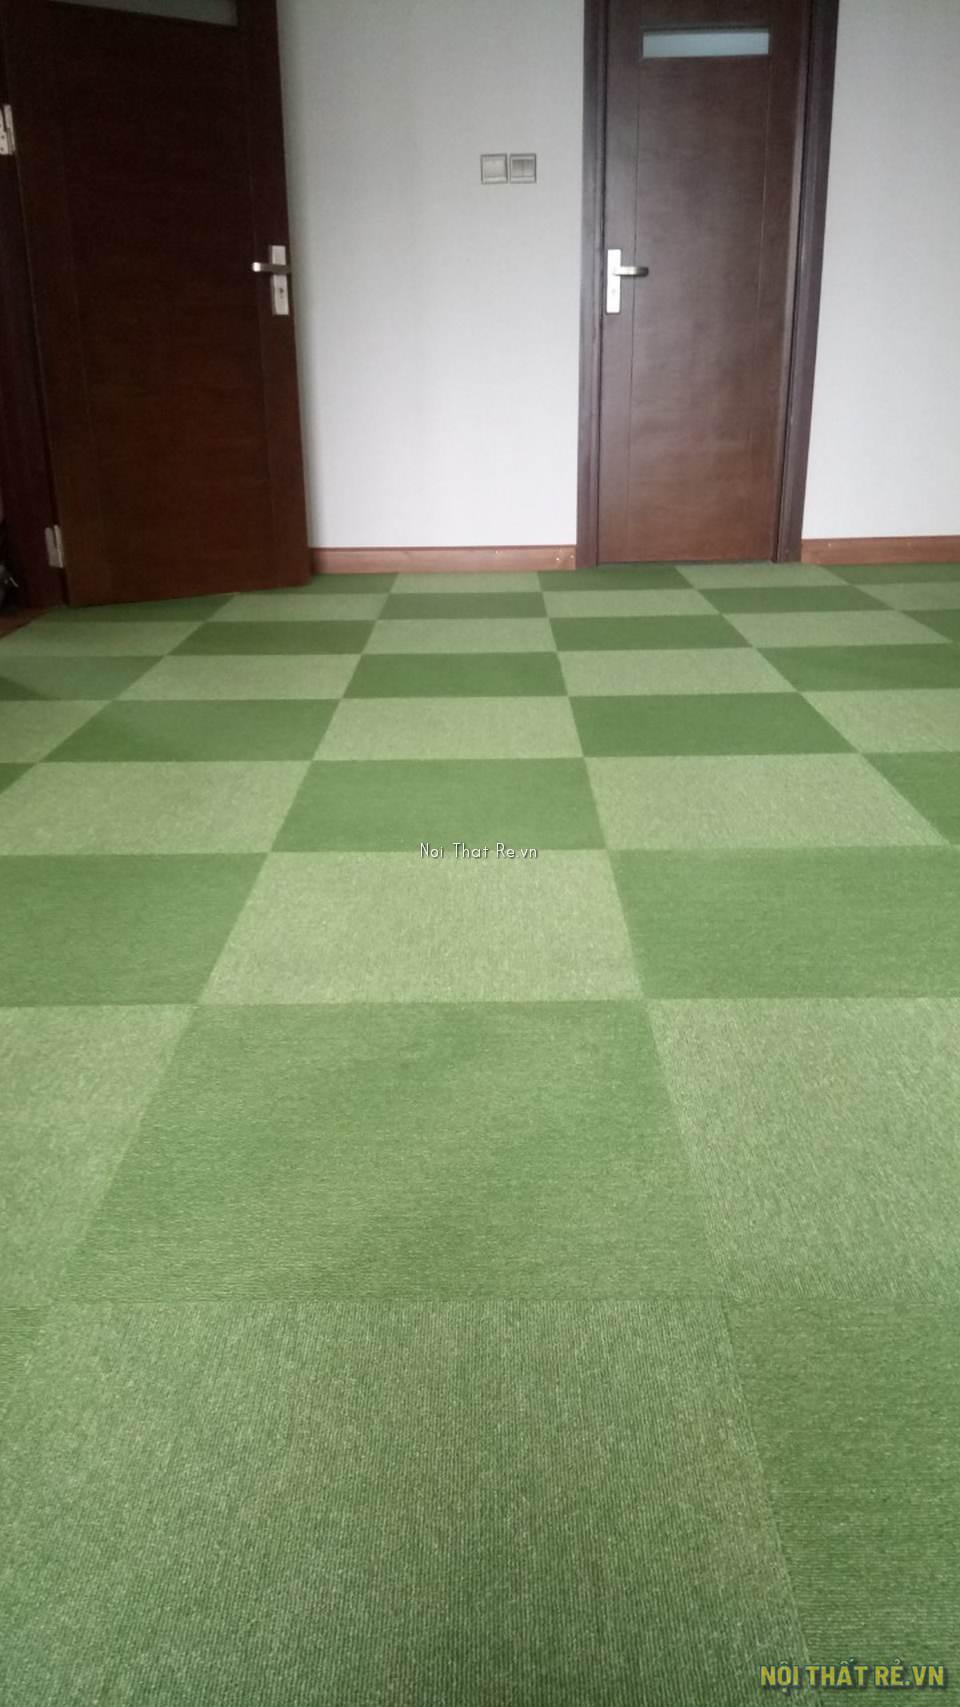 thảm trải sàn màu xanh lá cây cho văn phòng